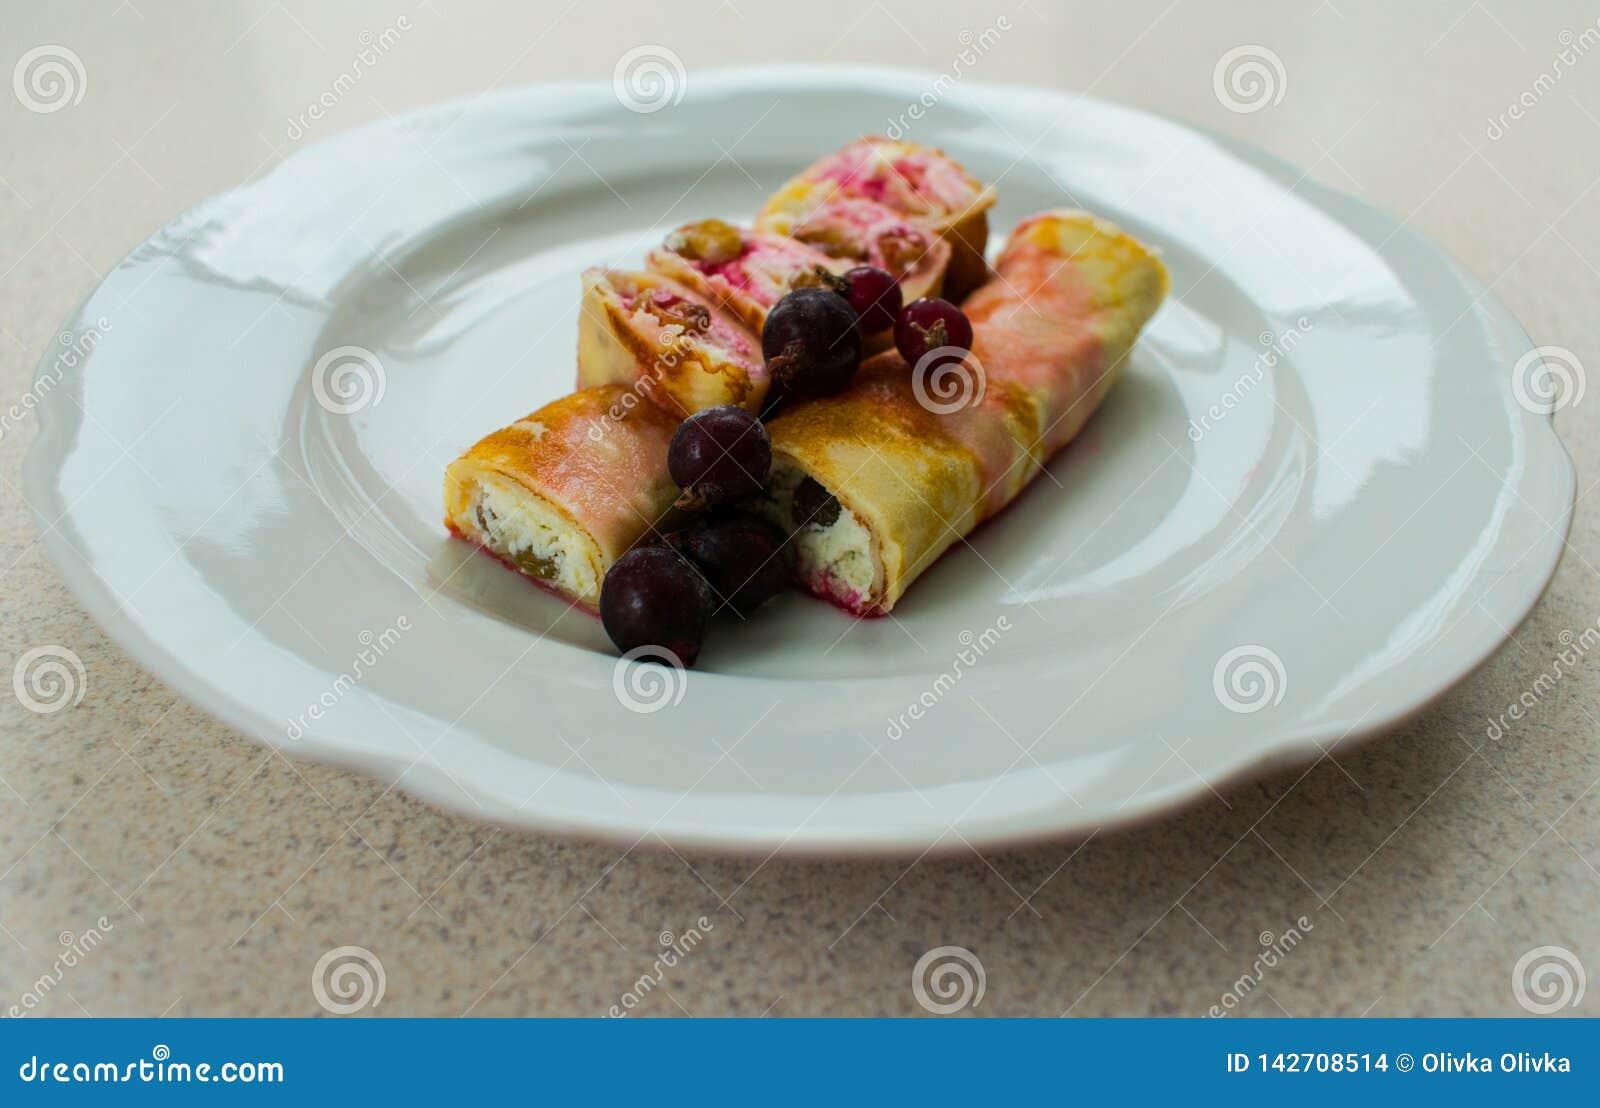 Käse und Beeren des Pfannkuchens mit Sahne